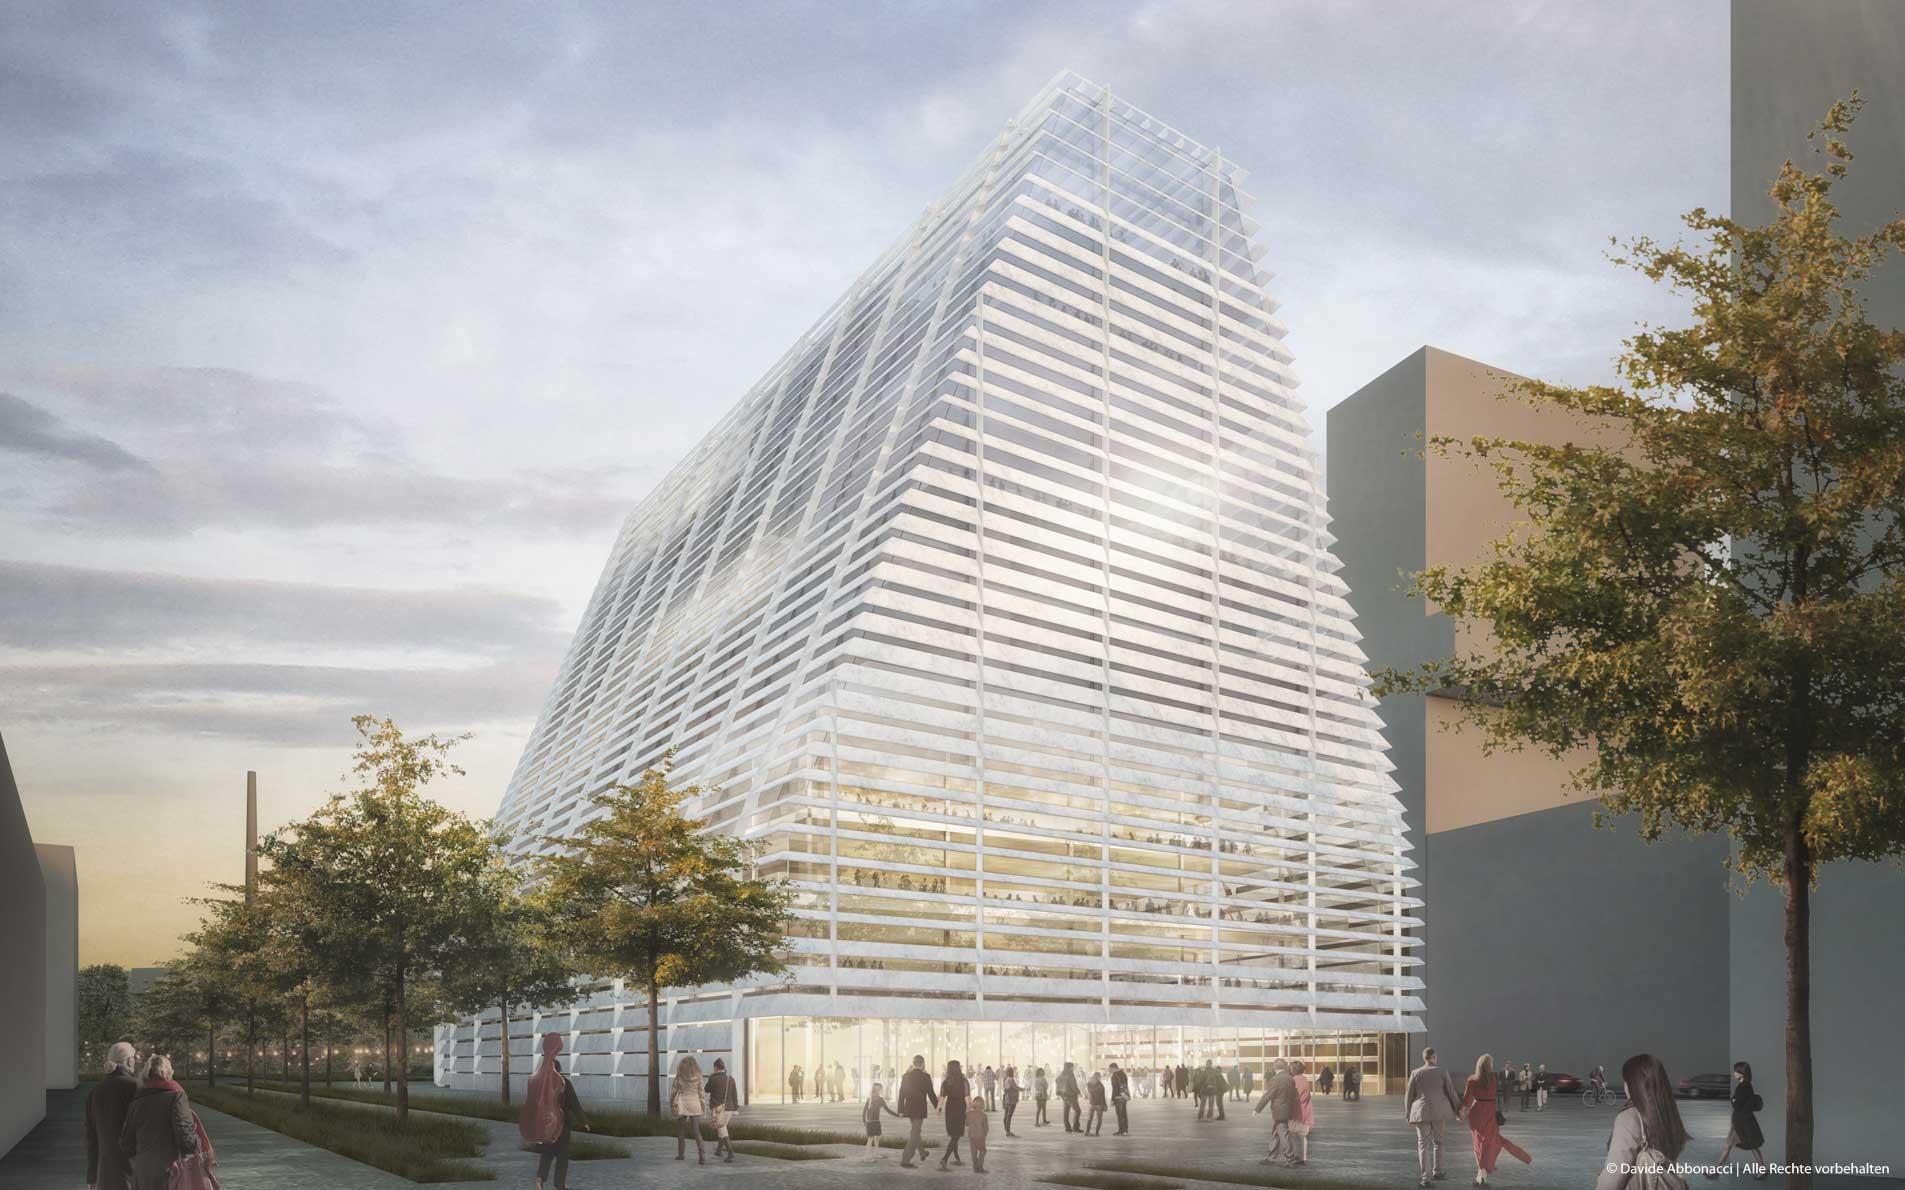 Konzerthaus München | Georg Scheel Wetzel Architekten | 2017 Wettbewerbsvisualisierung